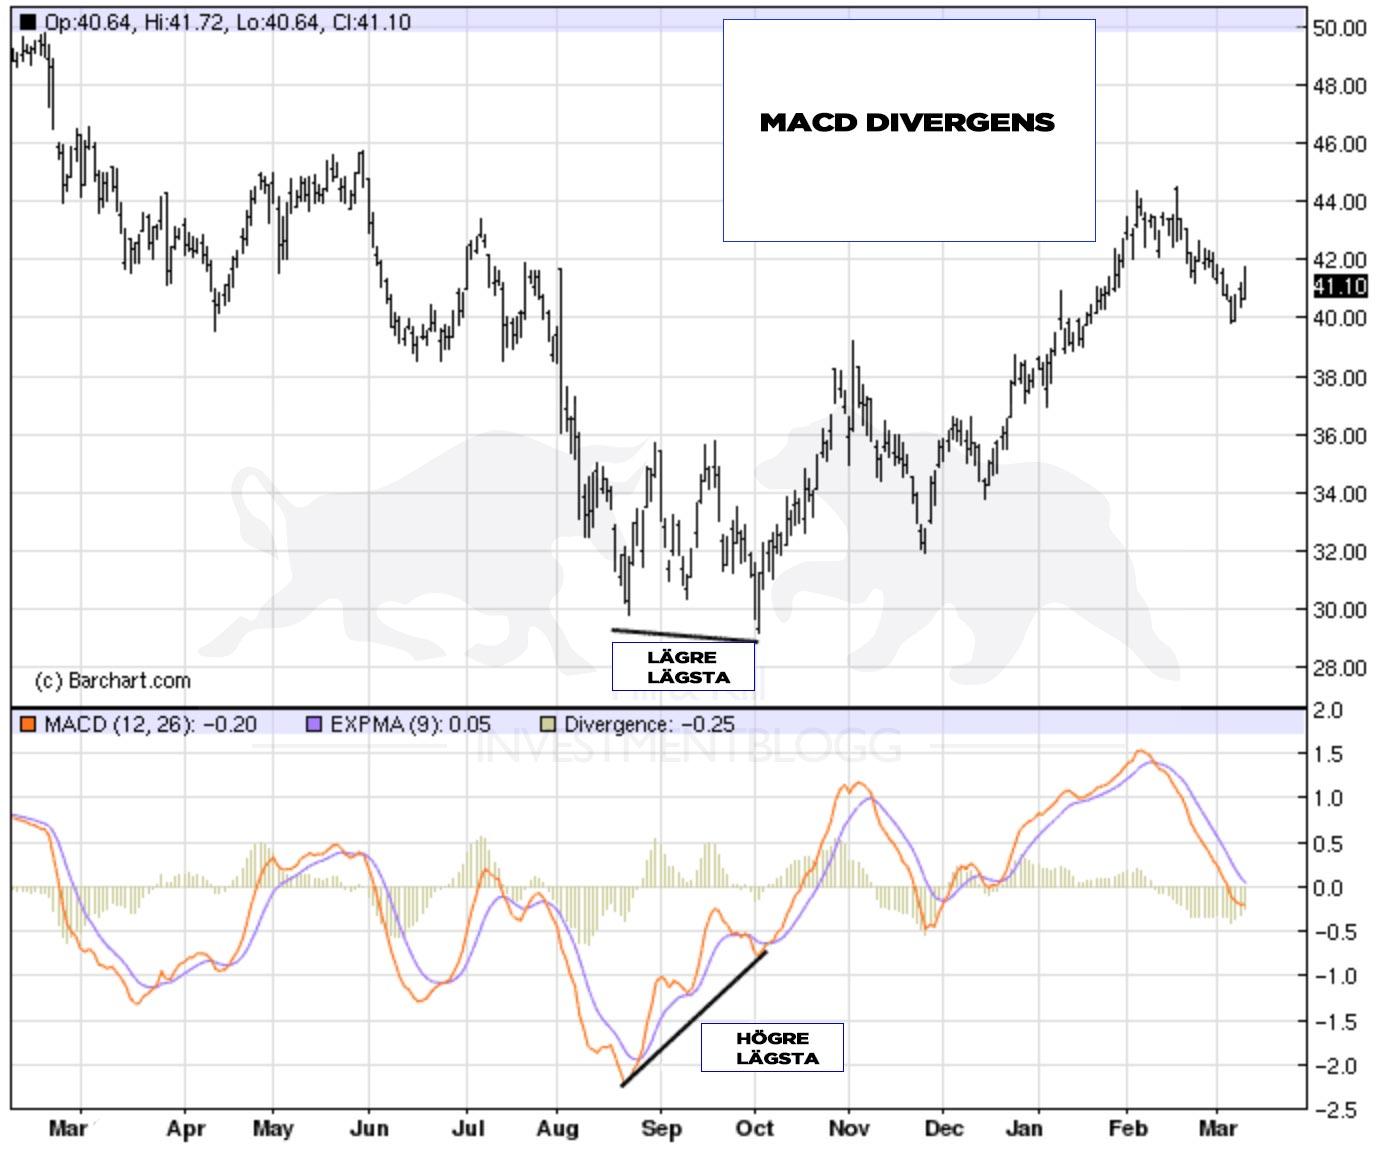 Aktien gör lägre lägsta, medan MACD rör sig uppåt! Vi har en divergens mellan MACD och priset.